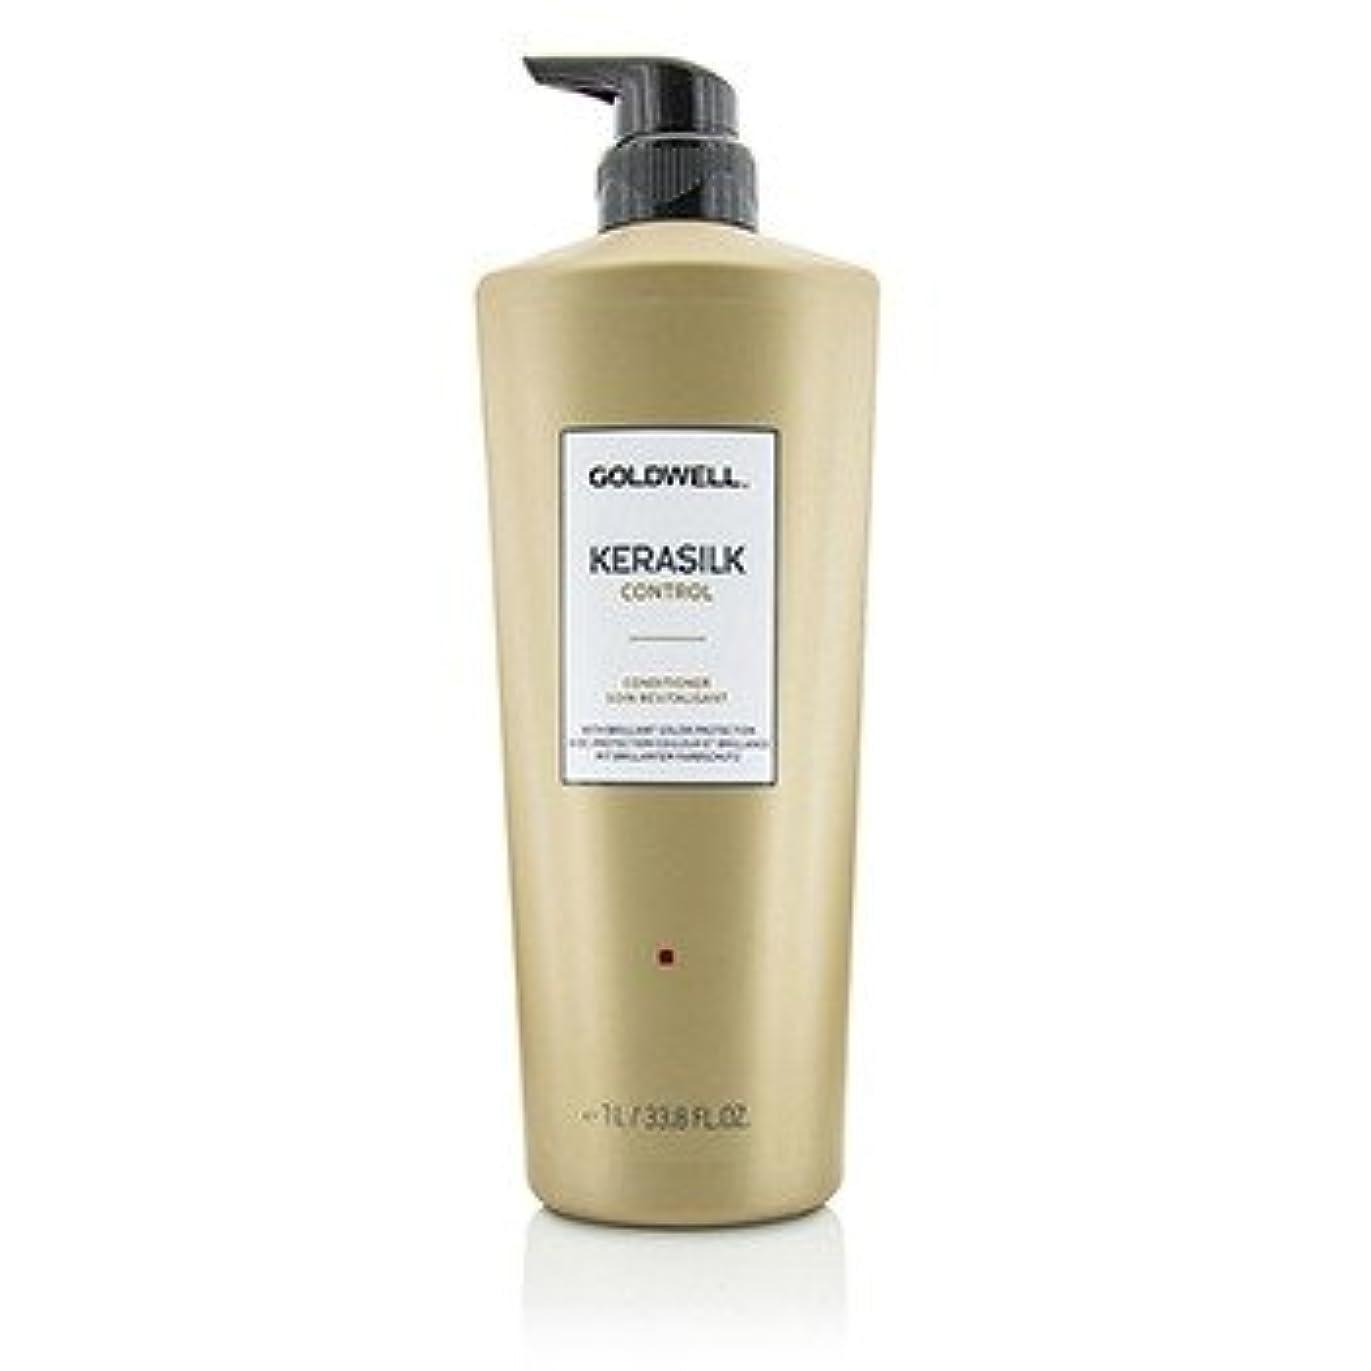 お誕生日整然とした符号[Goldwell] Kerasilk Control Conditioner (For Unmanageable Unruly and Frizzy Hair) 200ml/6.7oz